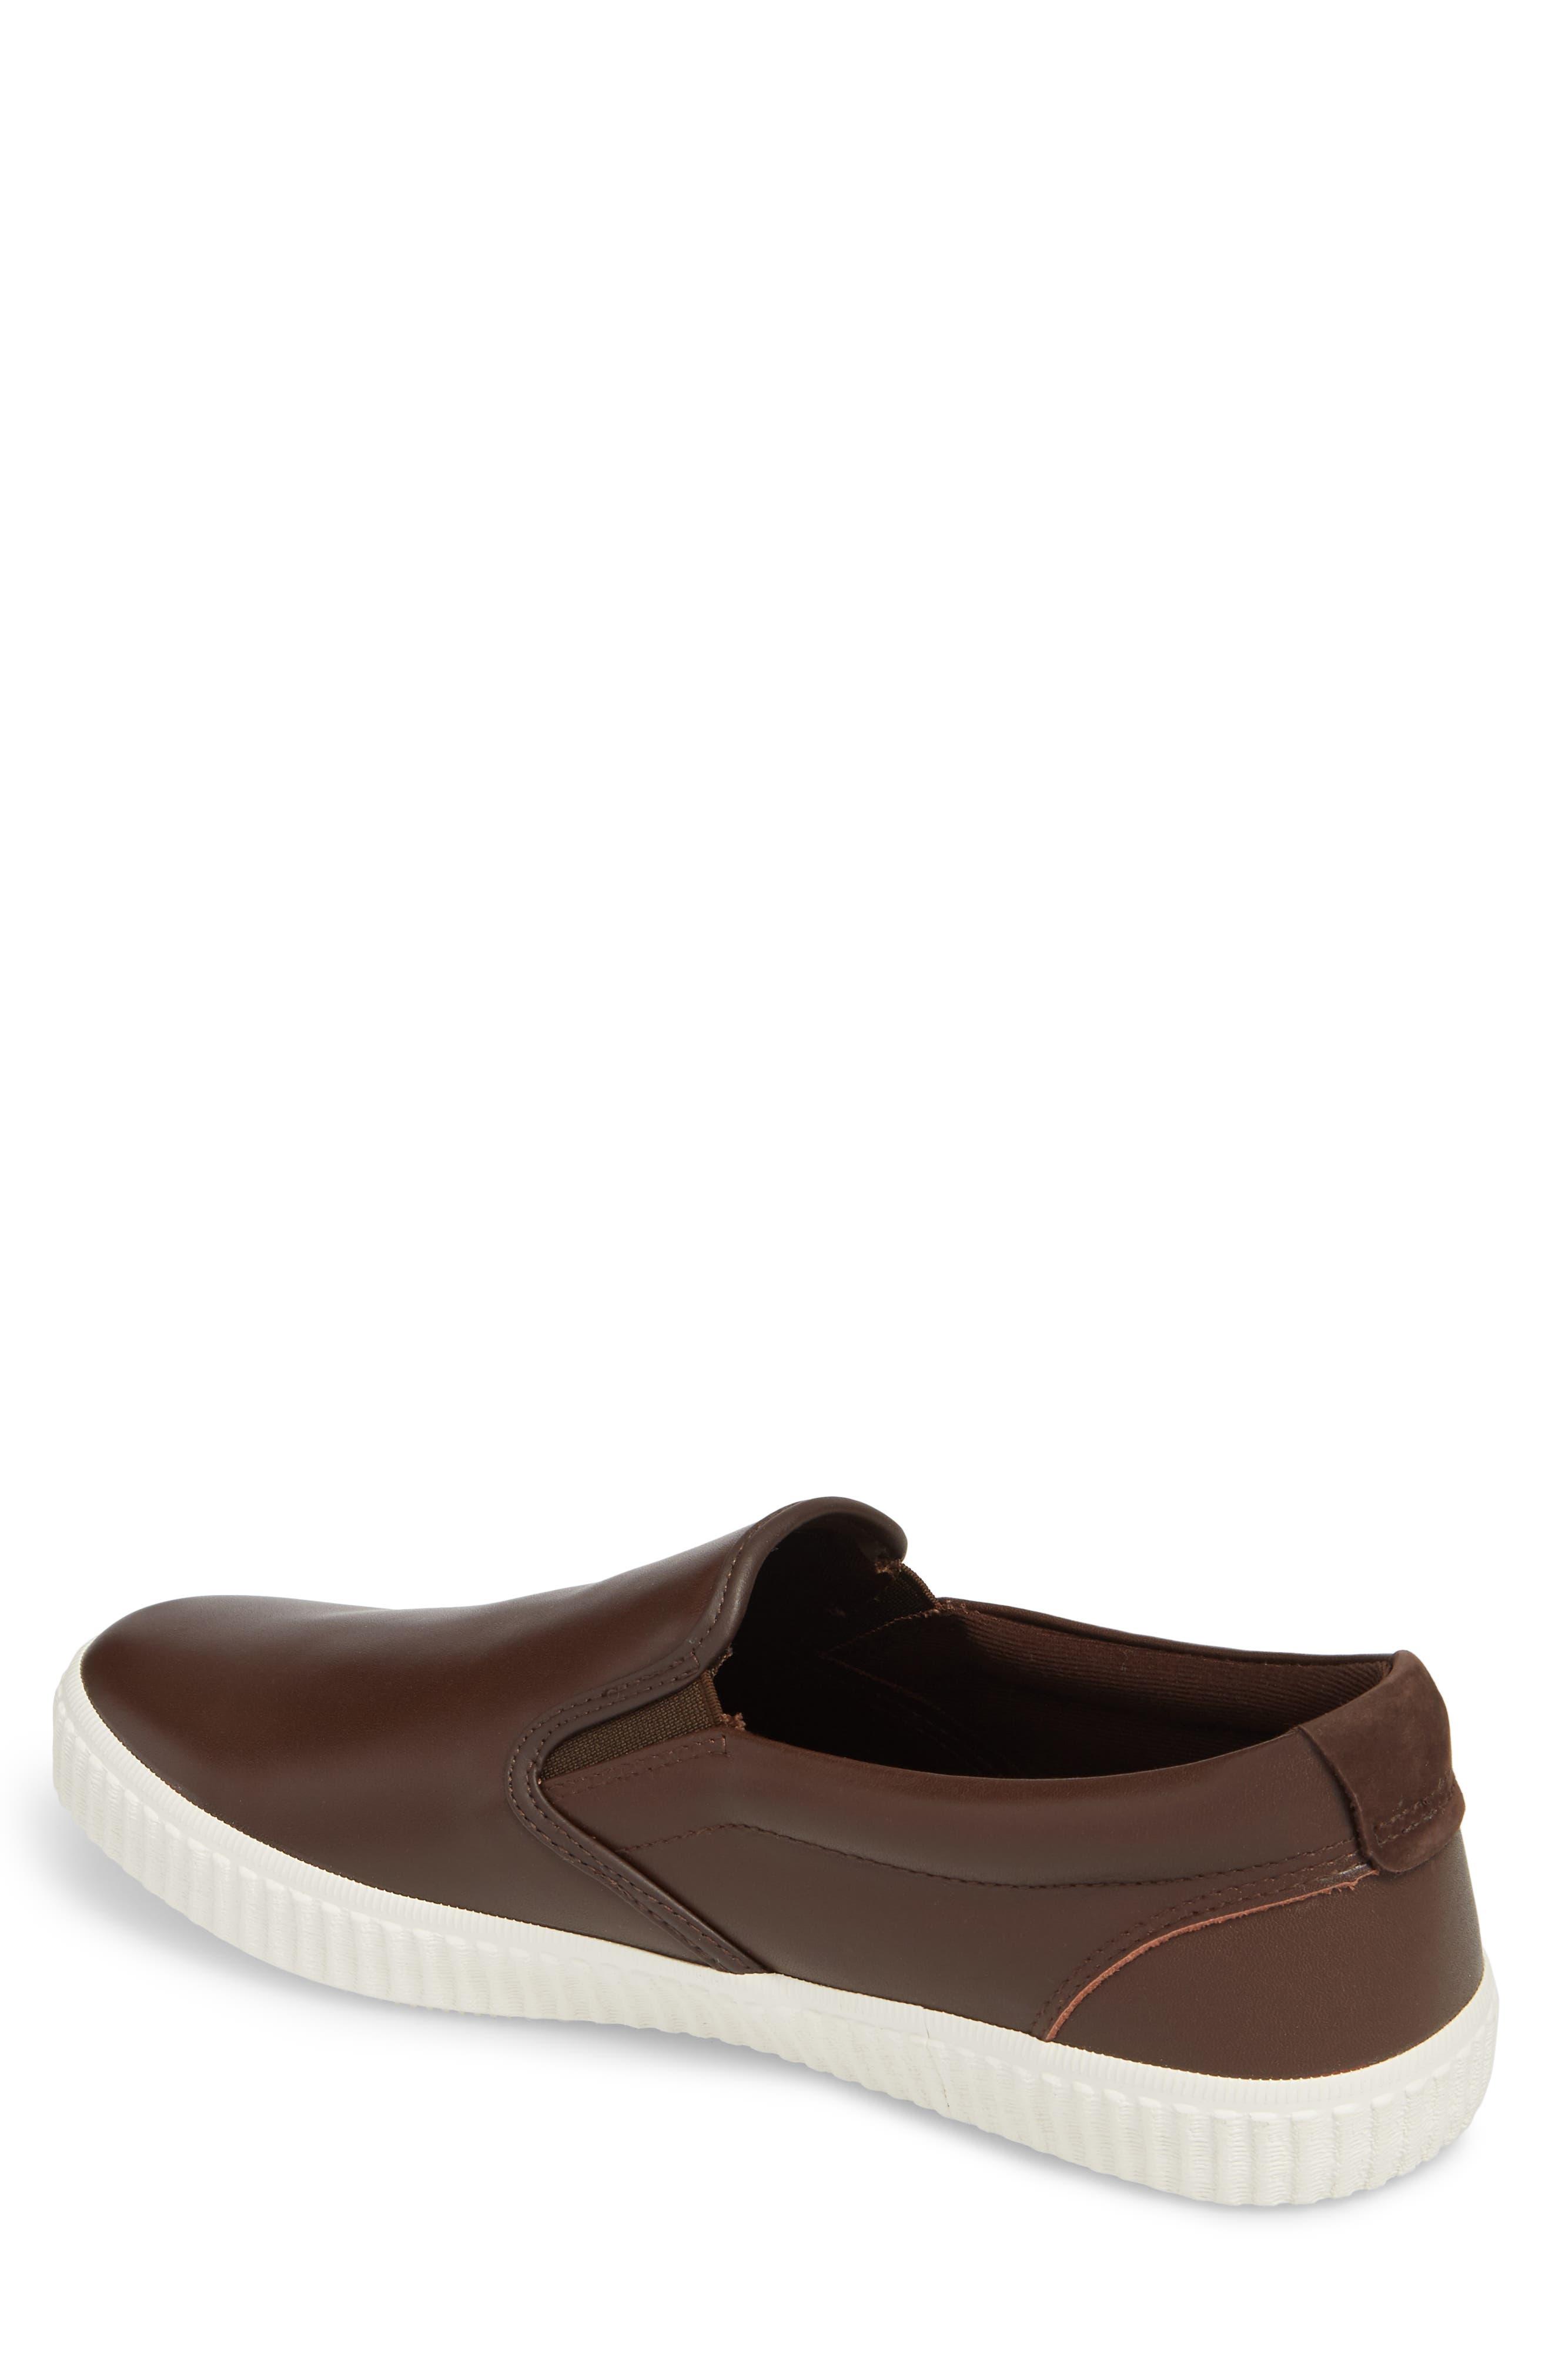 Riverside Slip-On Sneaker,                             Alternate thumbnail 2, color,                             Brown/ Off White Leather